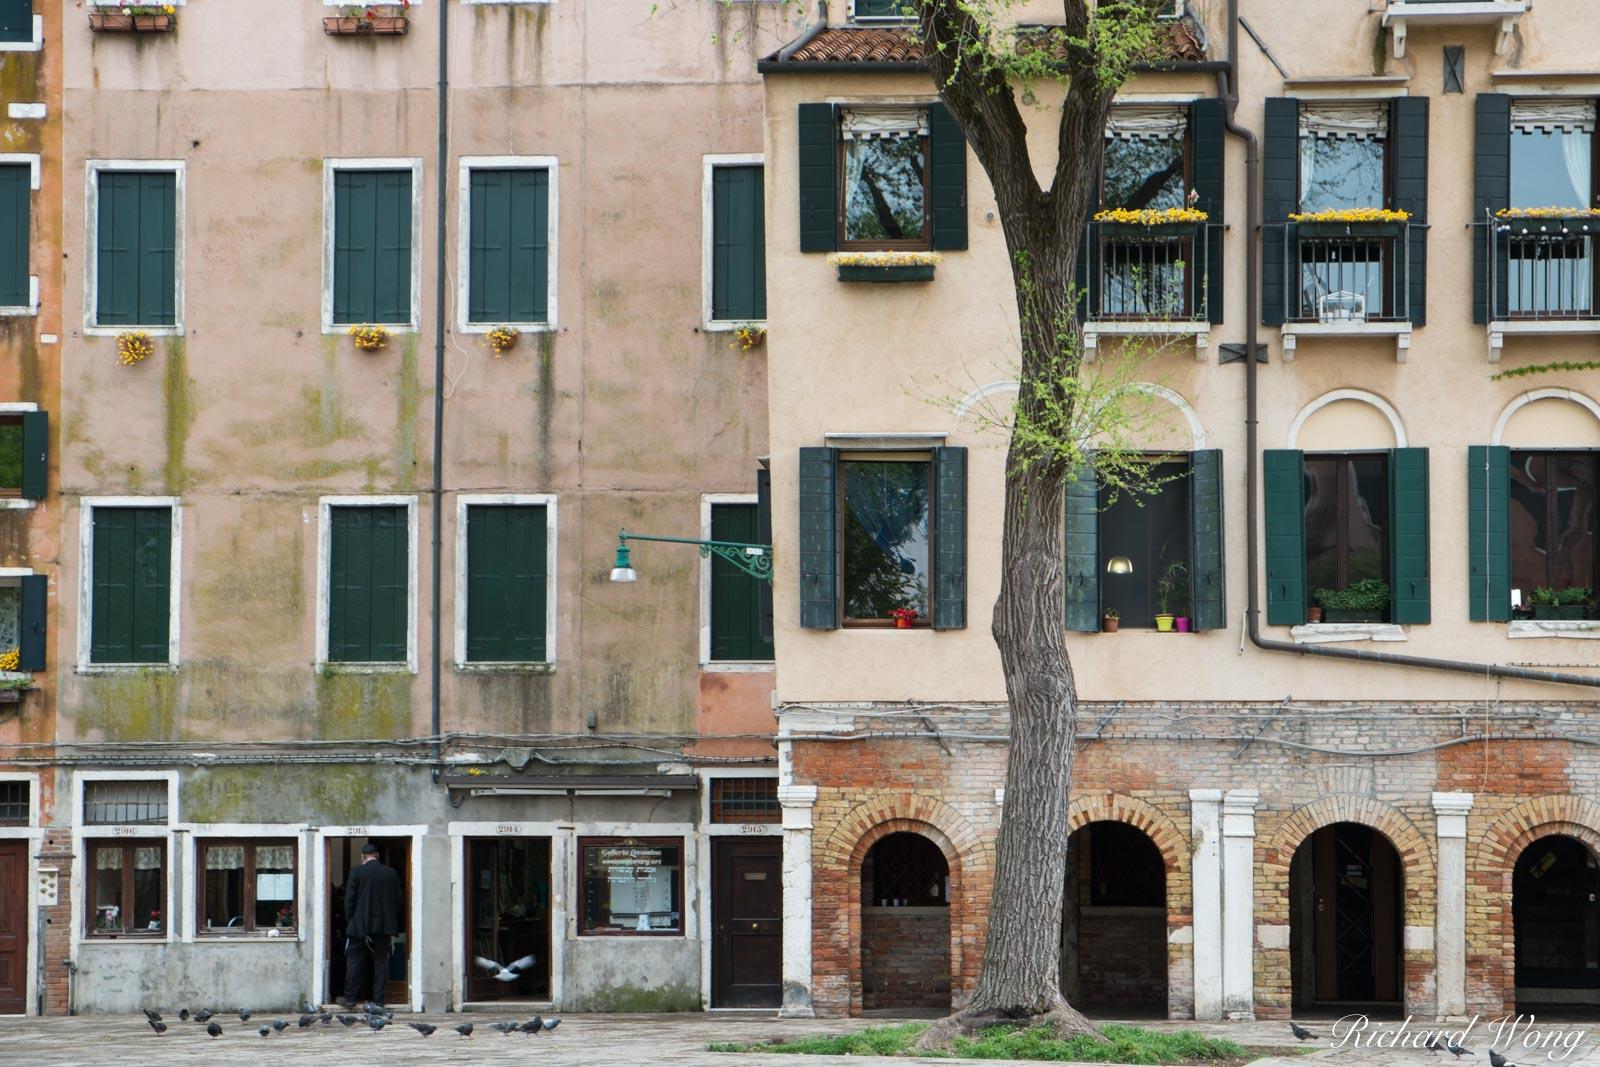 Venetian Jewish Ghetto (Ghetto Vecchio), Venice, Italy